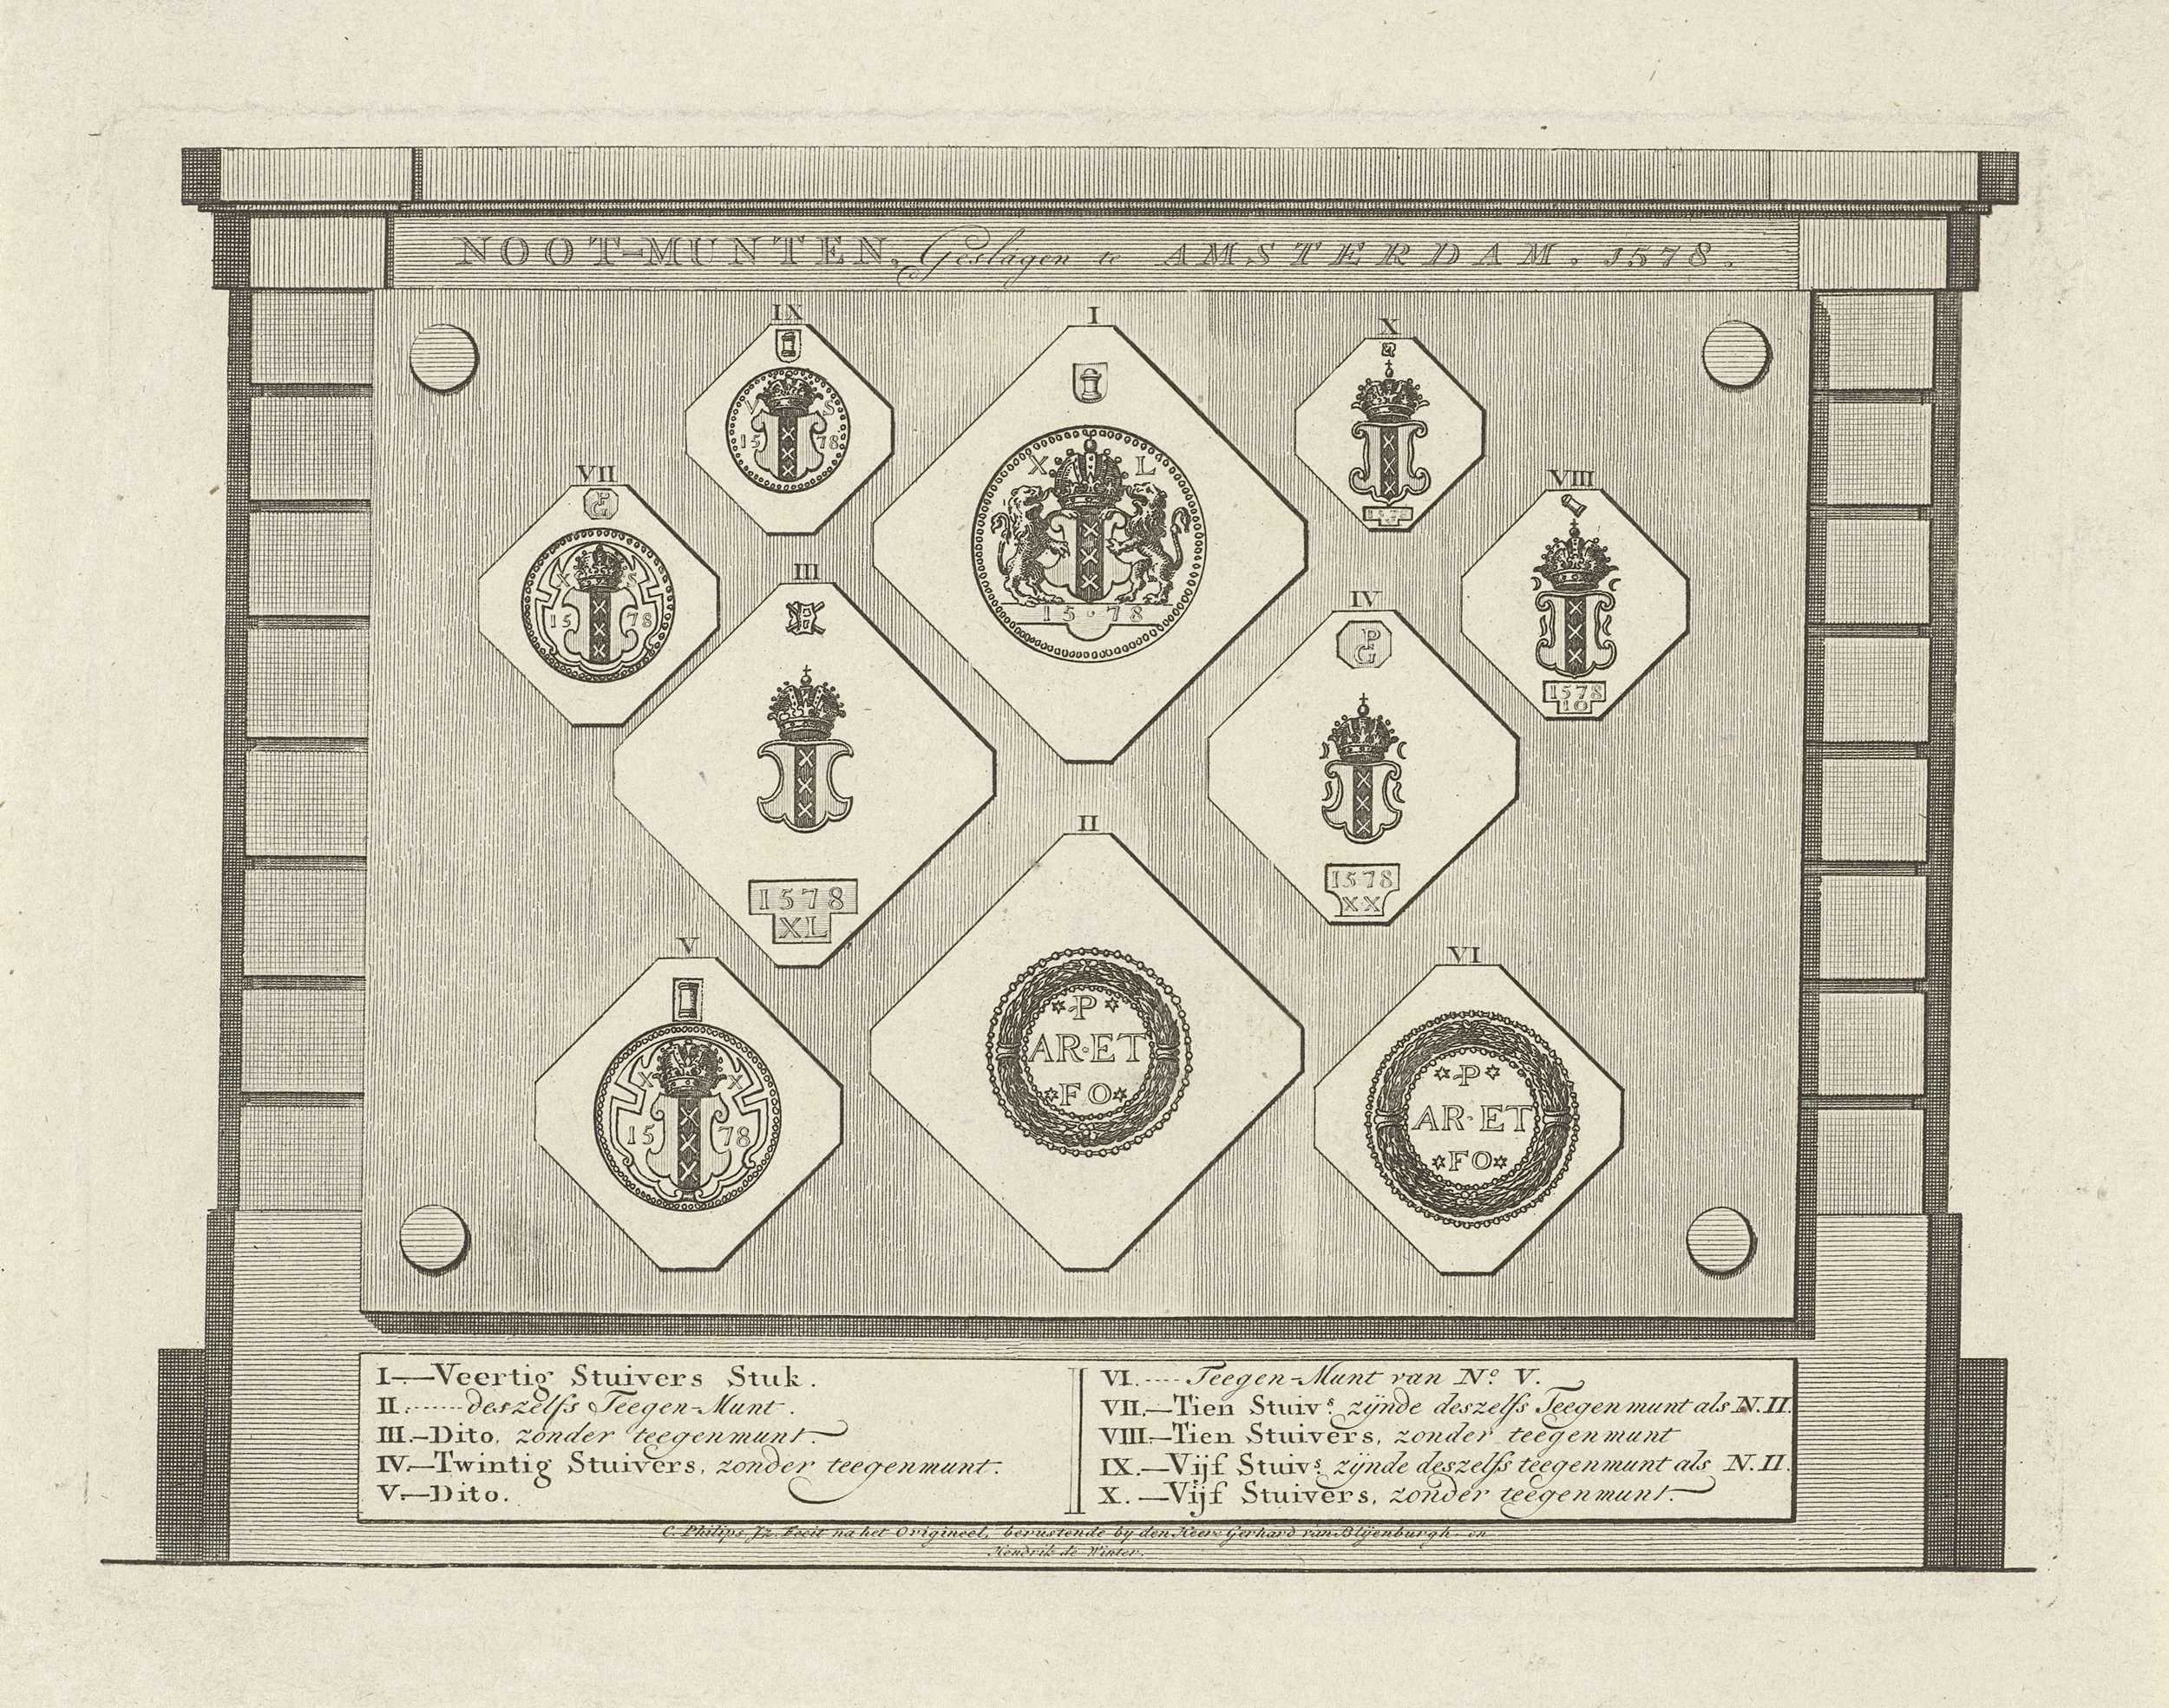 Caspar Jacobsz. Philips | Noodmunten uit Amsterdam, 1578, Caspar Jacobsz. Philips, 1752 - 1789 | Tien noodmunten in Amsterdam geslagen van kerkzilver, tijdens het beleg door Sonoy in 1578. Onderaan de legenda I-X waarin de waarde van de munten.